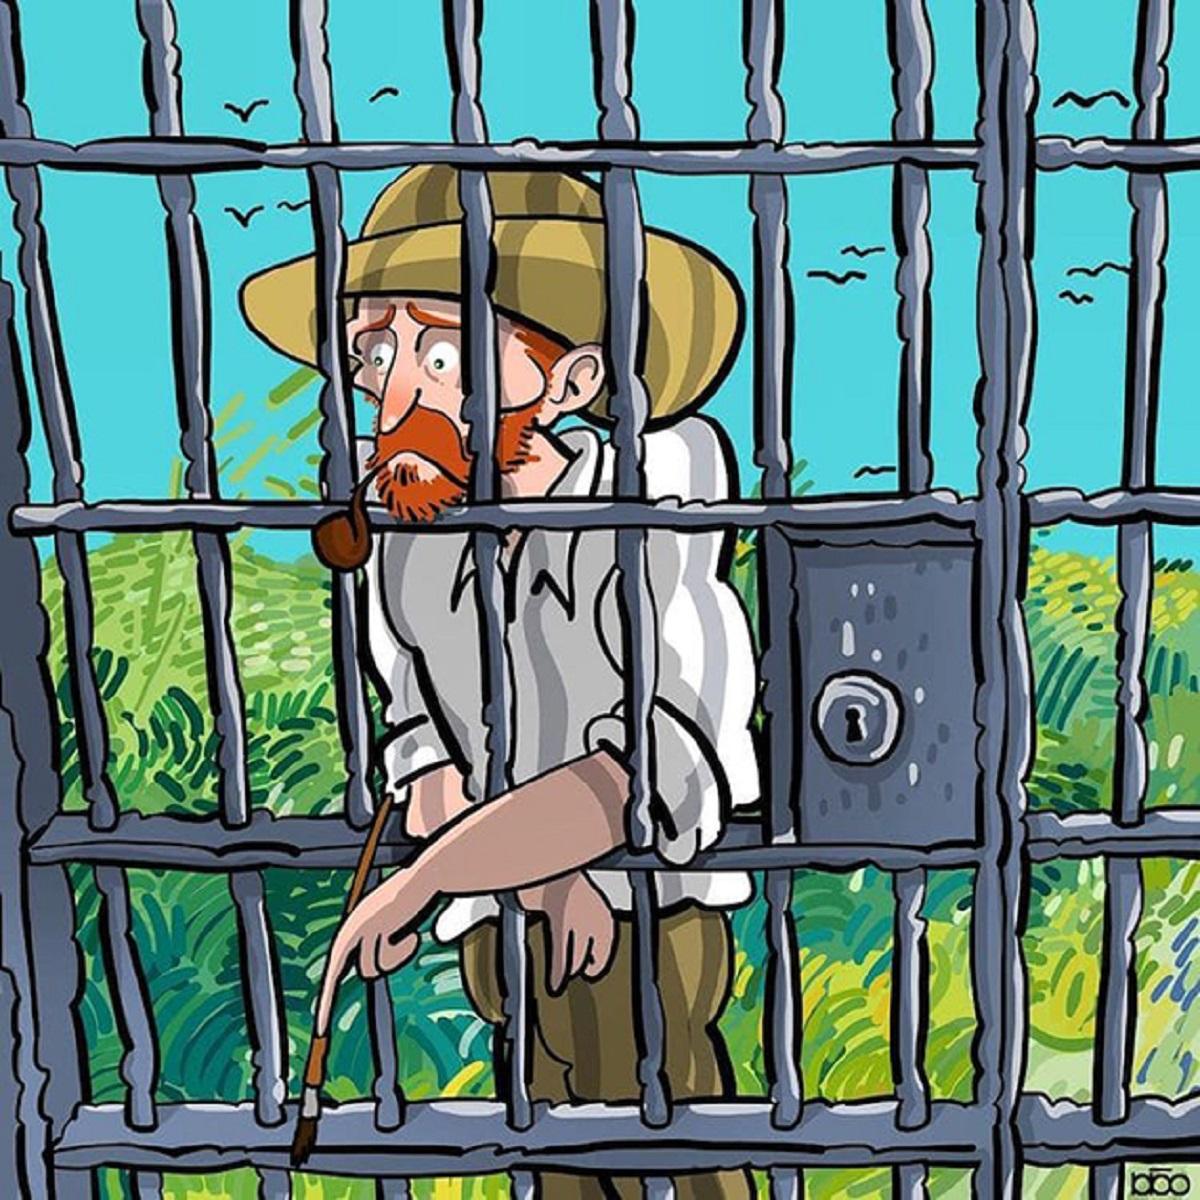 Karimi Van Gogh 03 - Ilustrador Iraniano desenhou a vida de Van Gogh em lindos quadrinhos